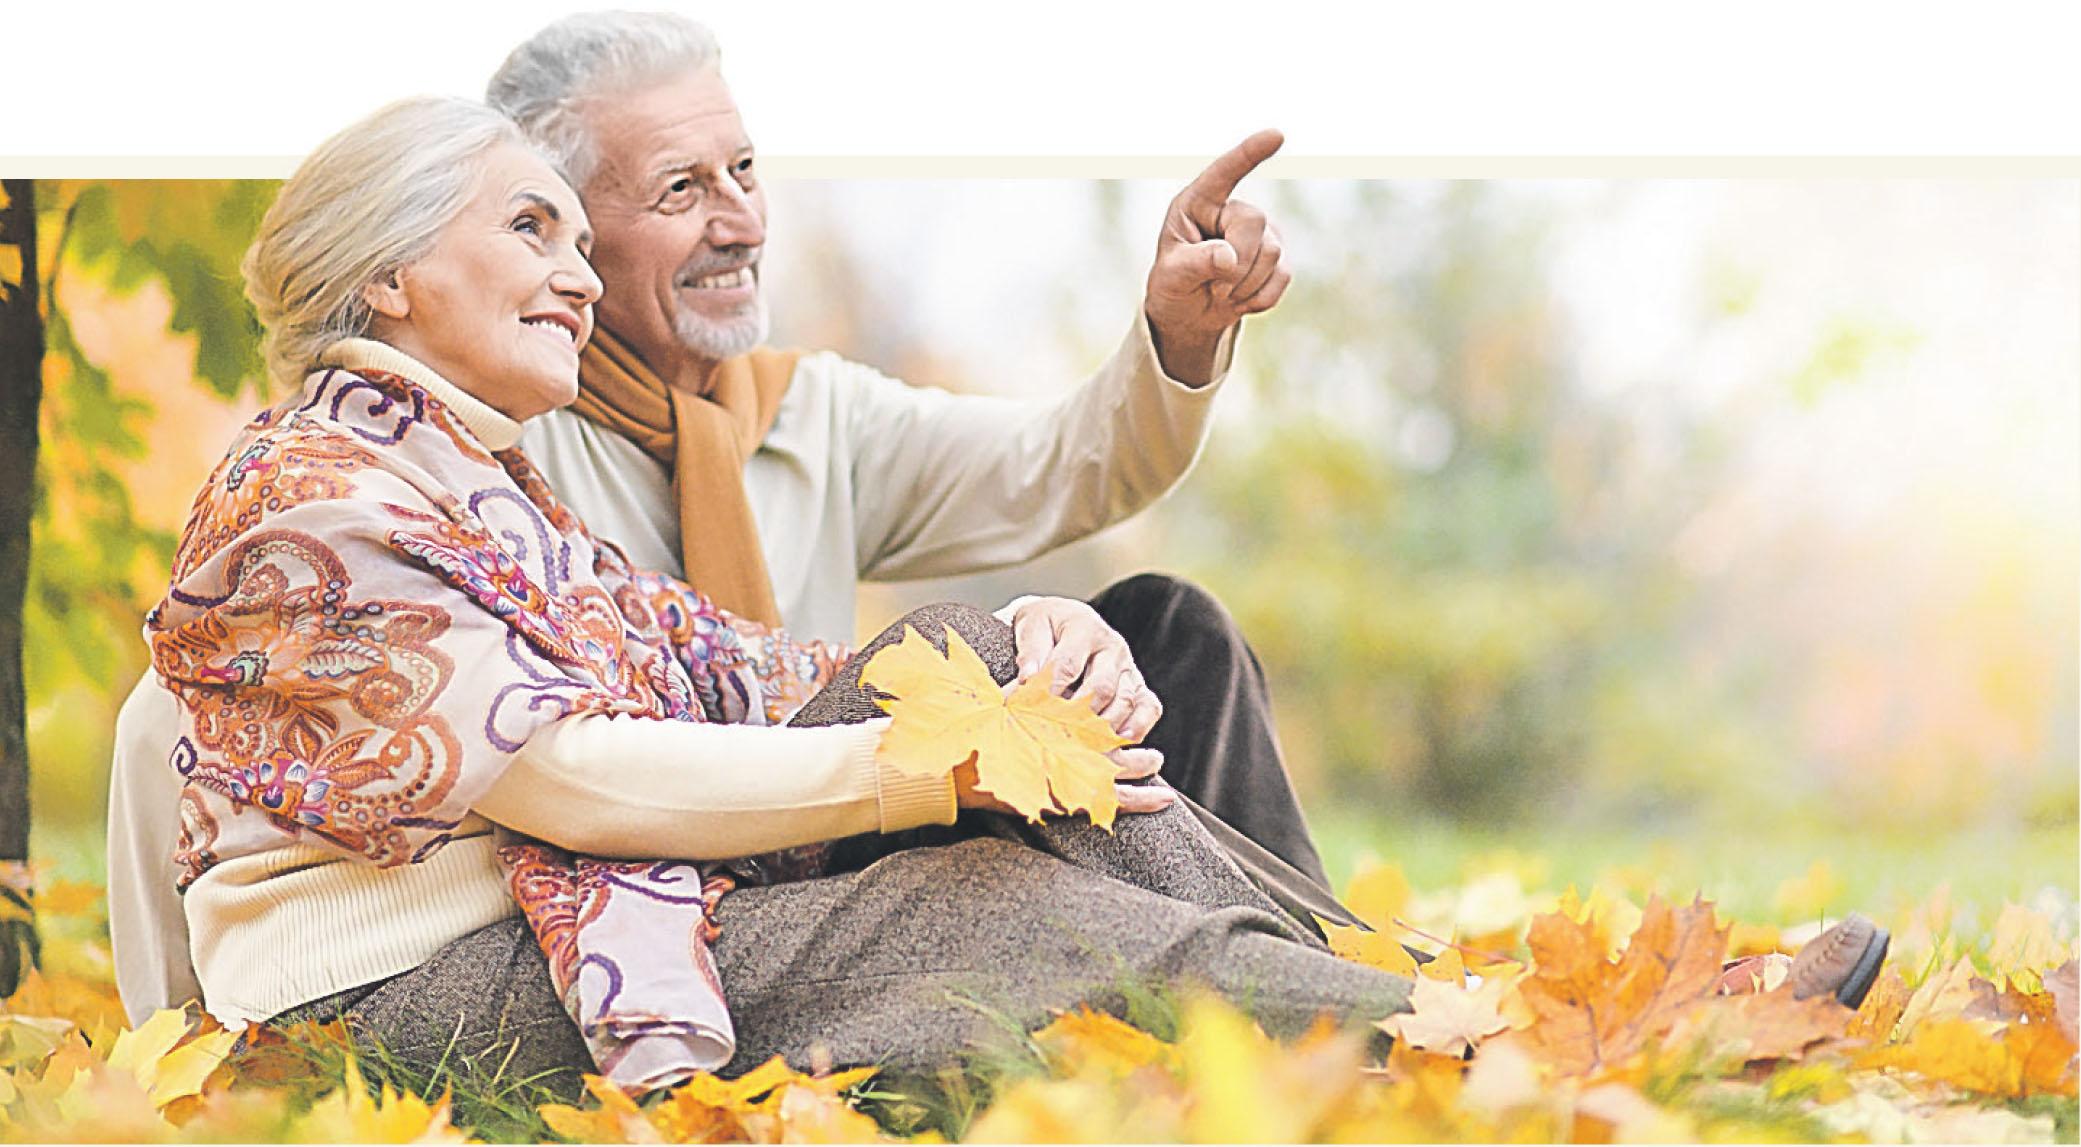 Freude am Zusammensein kann man besser genießen, wenn das Gehör wieder gut funktioniert